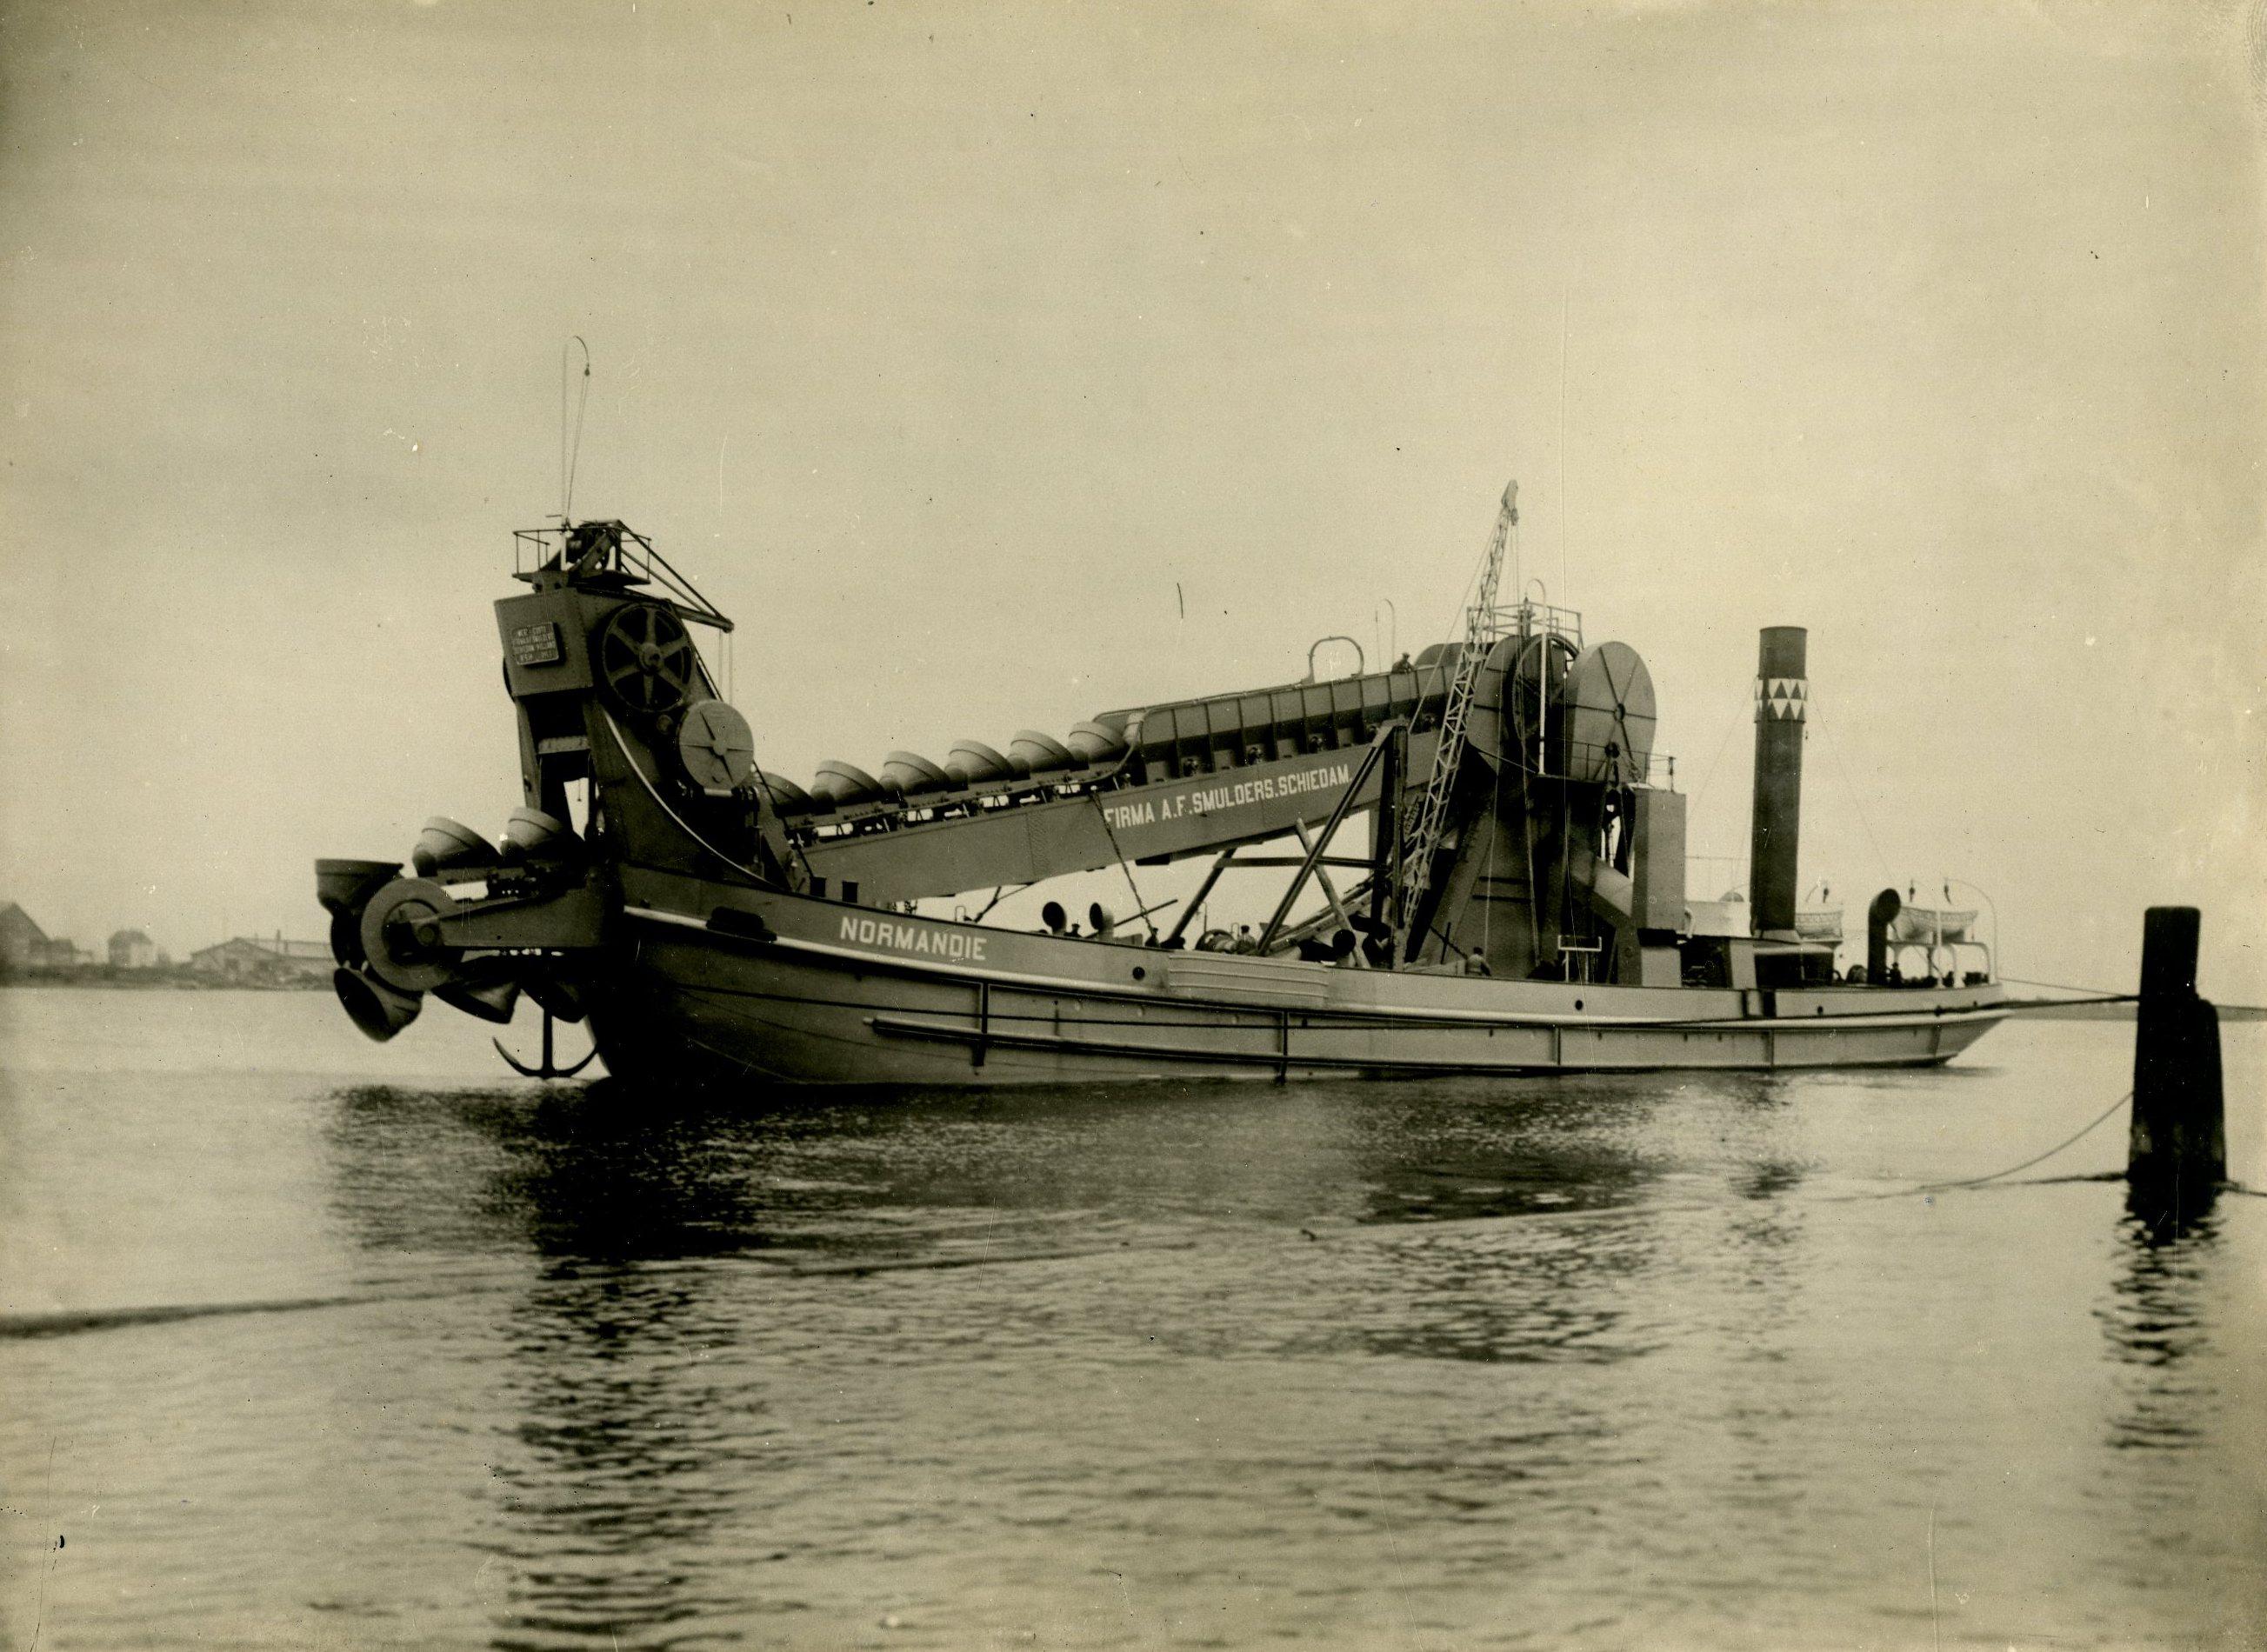 Bnr. 450 Normandie 1913